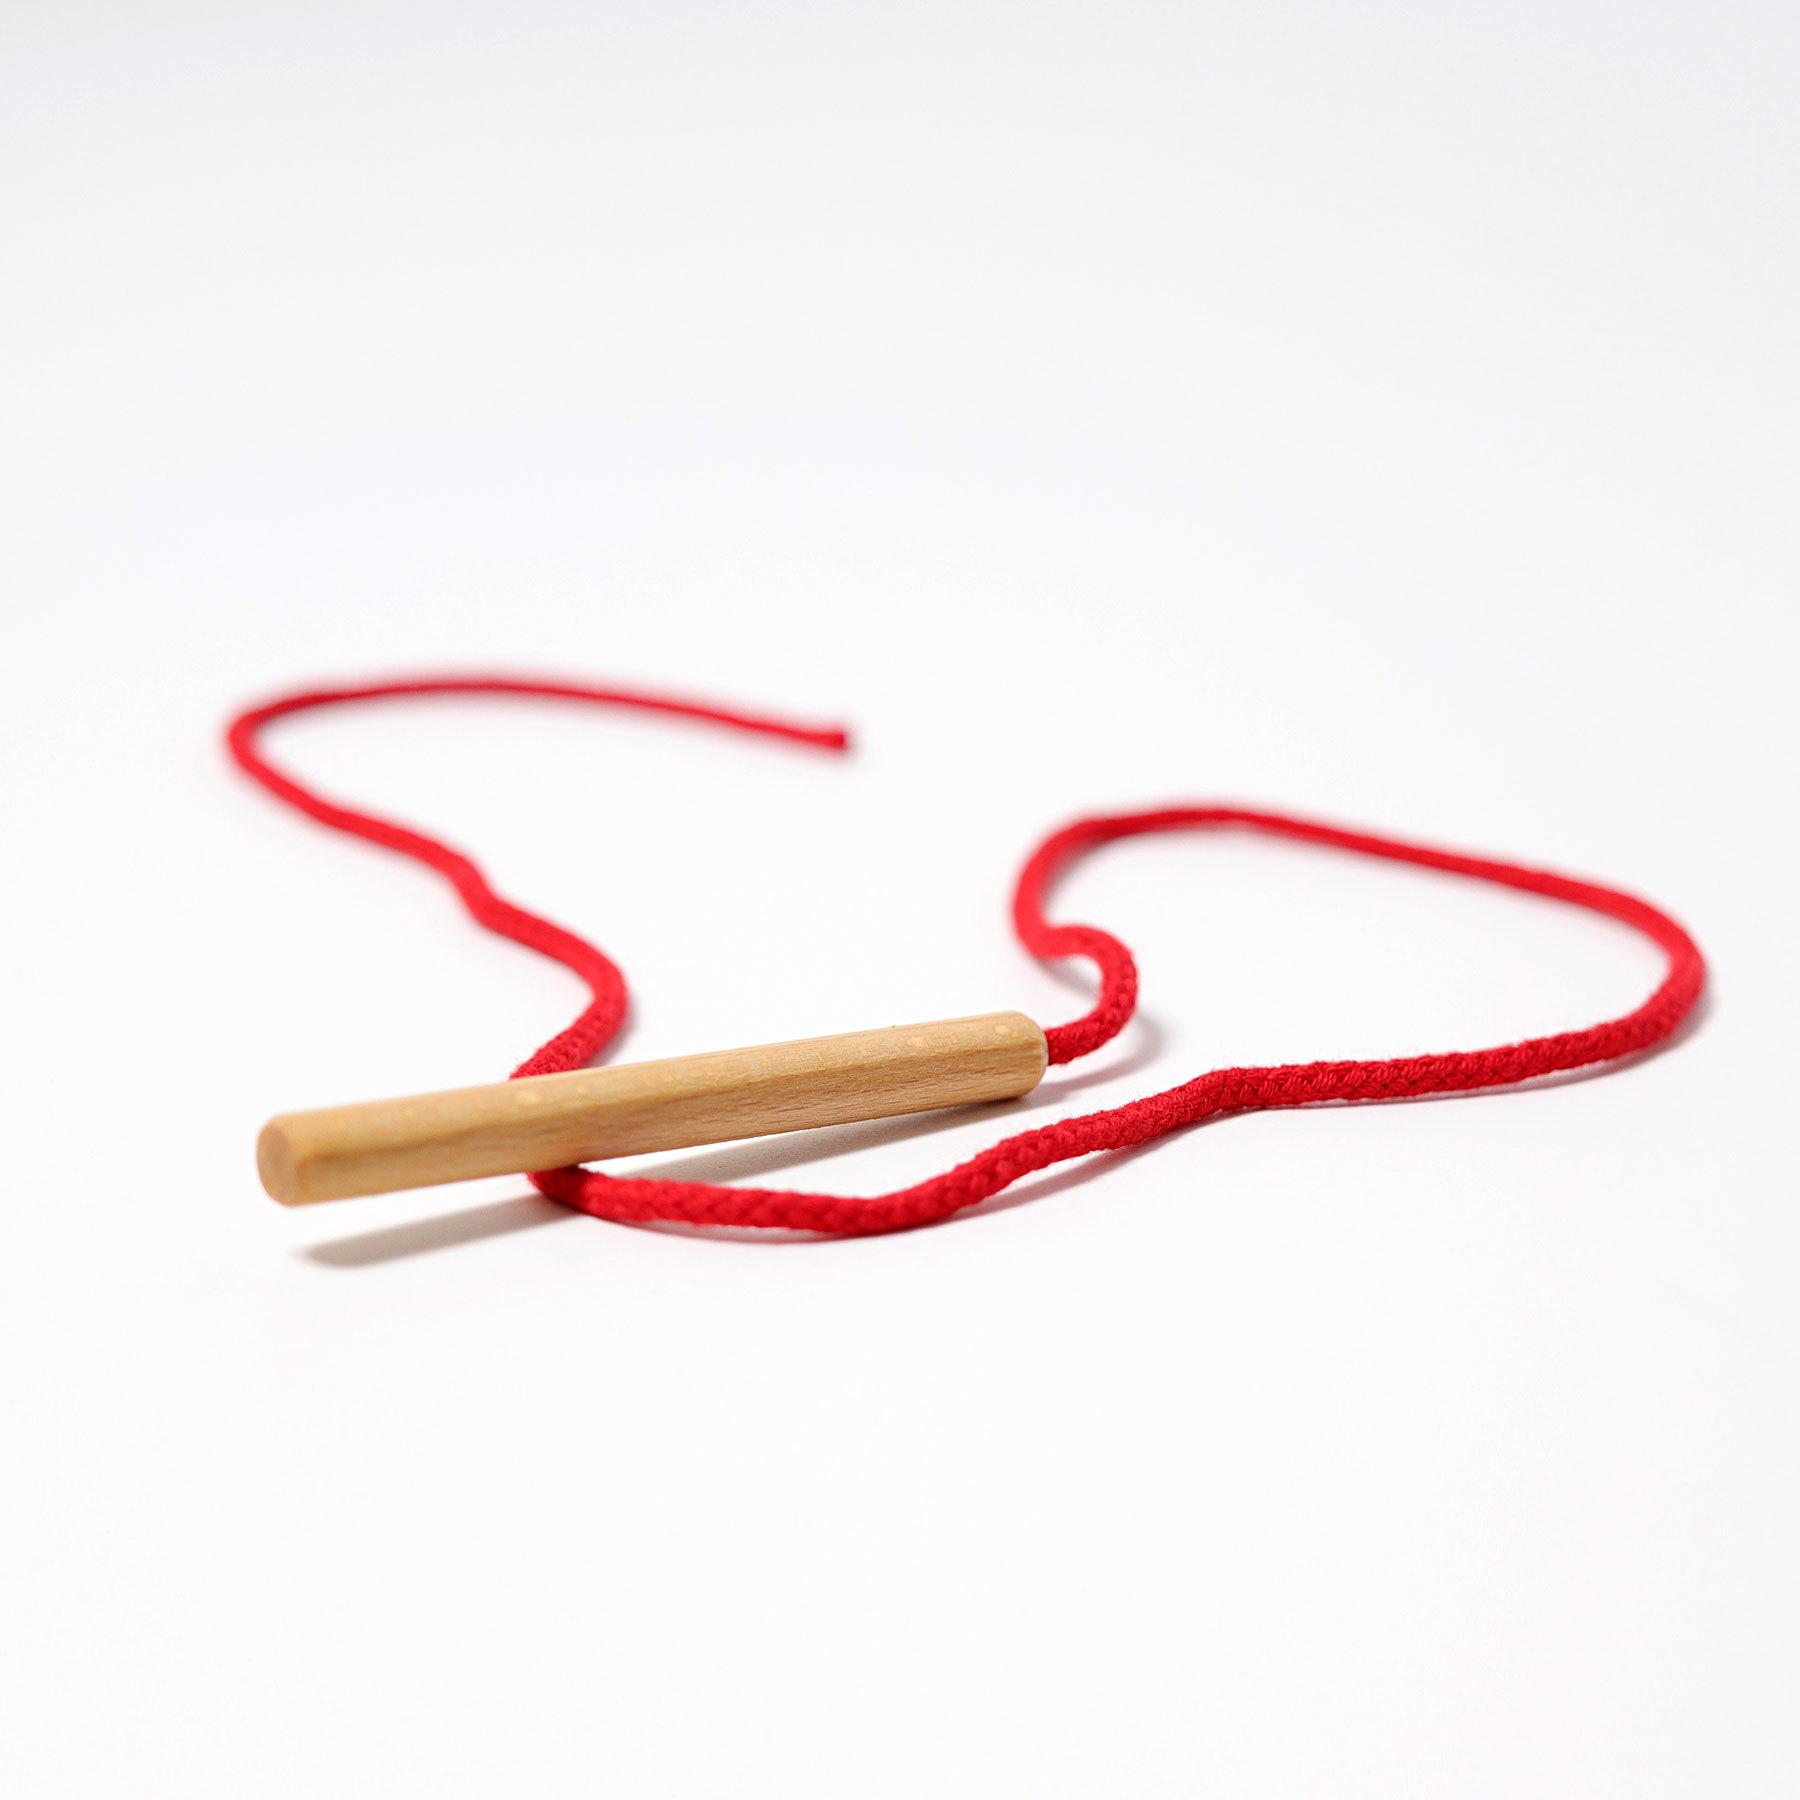 Игла деревянная с нитью (Grimms)